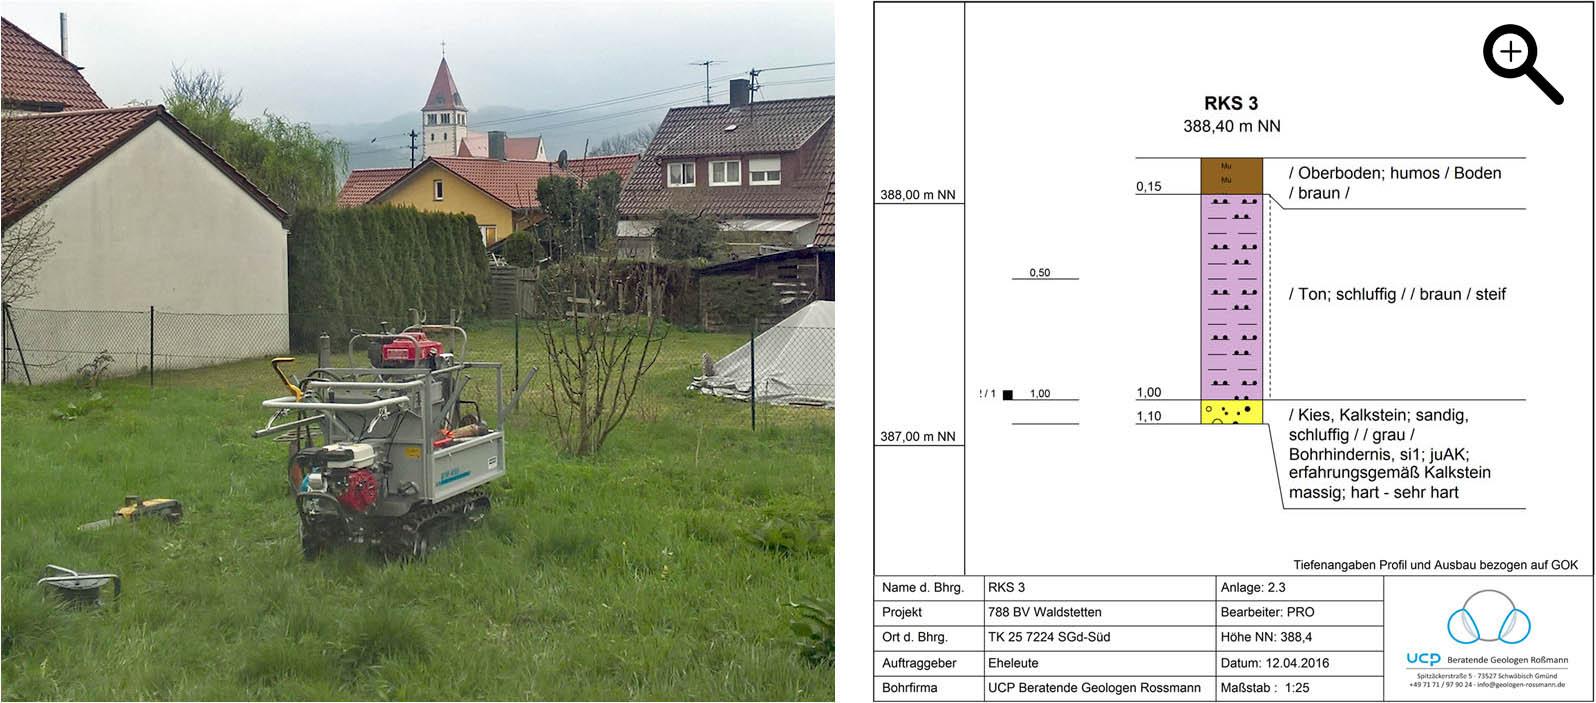 Bodenuntersuchung für ein Einfamilienhaus in Waldstetten